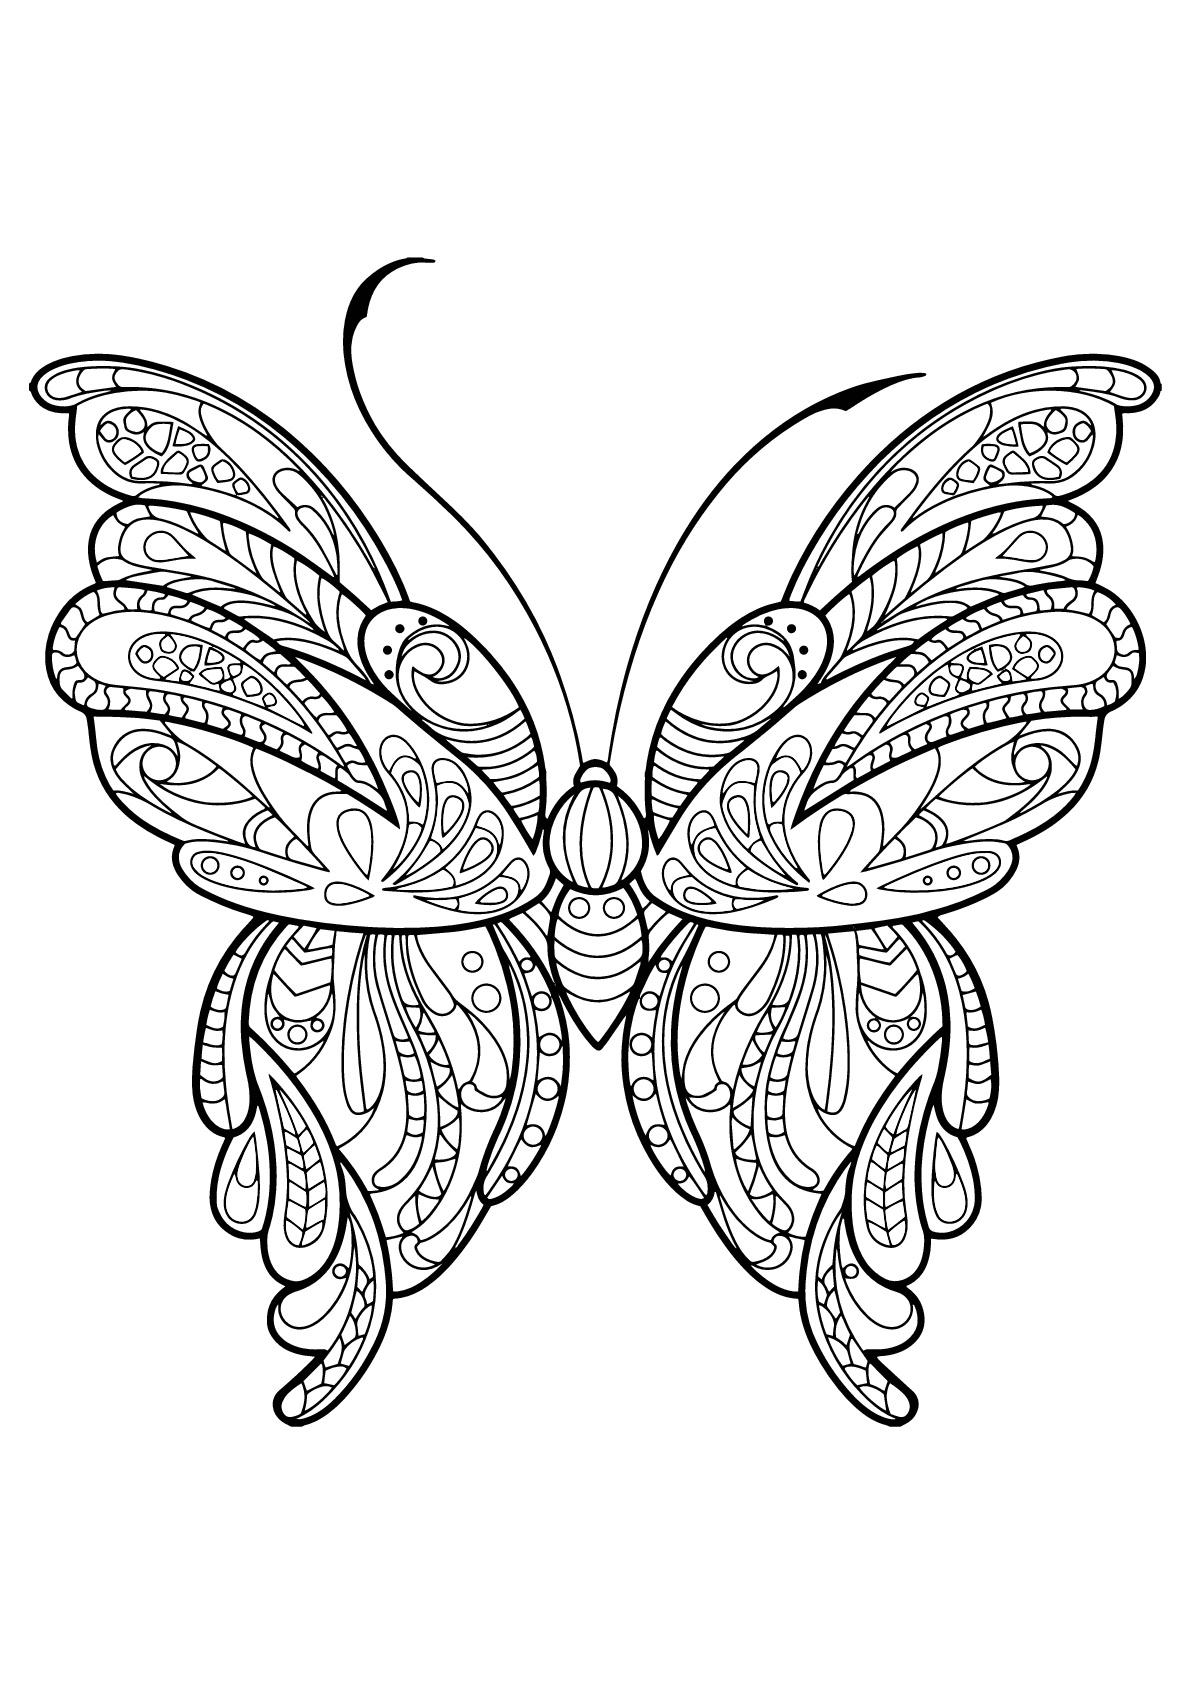 Dessin De Papillons Gratuit À Imprimer Et Colorier encequiconcerne Dessin Papillon À Colorier